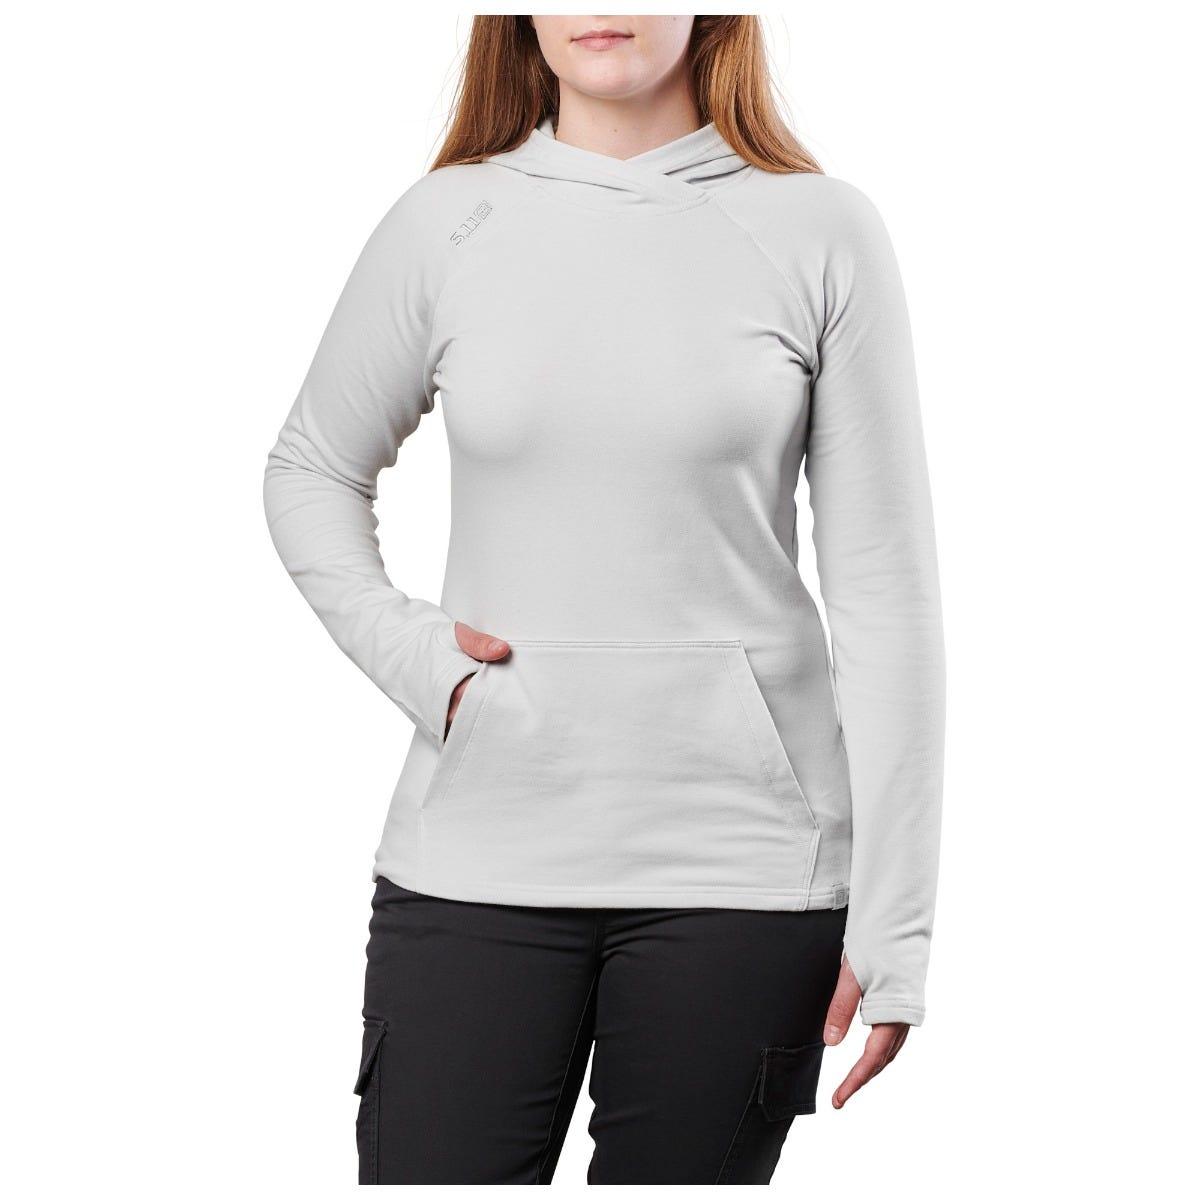 5.11 Tactical Women's Teagan Long Sleeve Hoodie